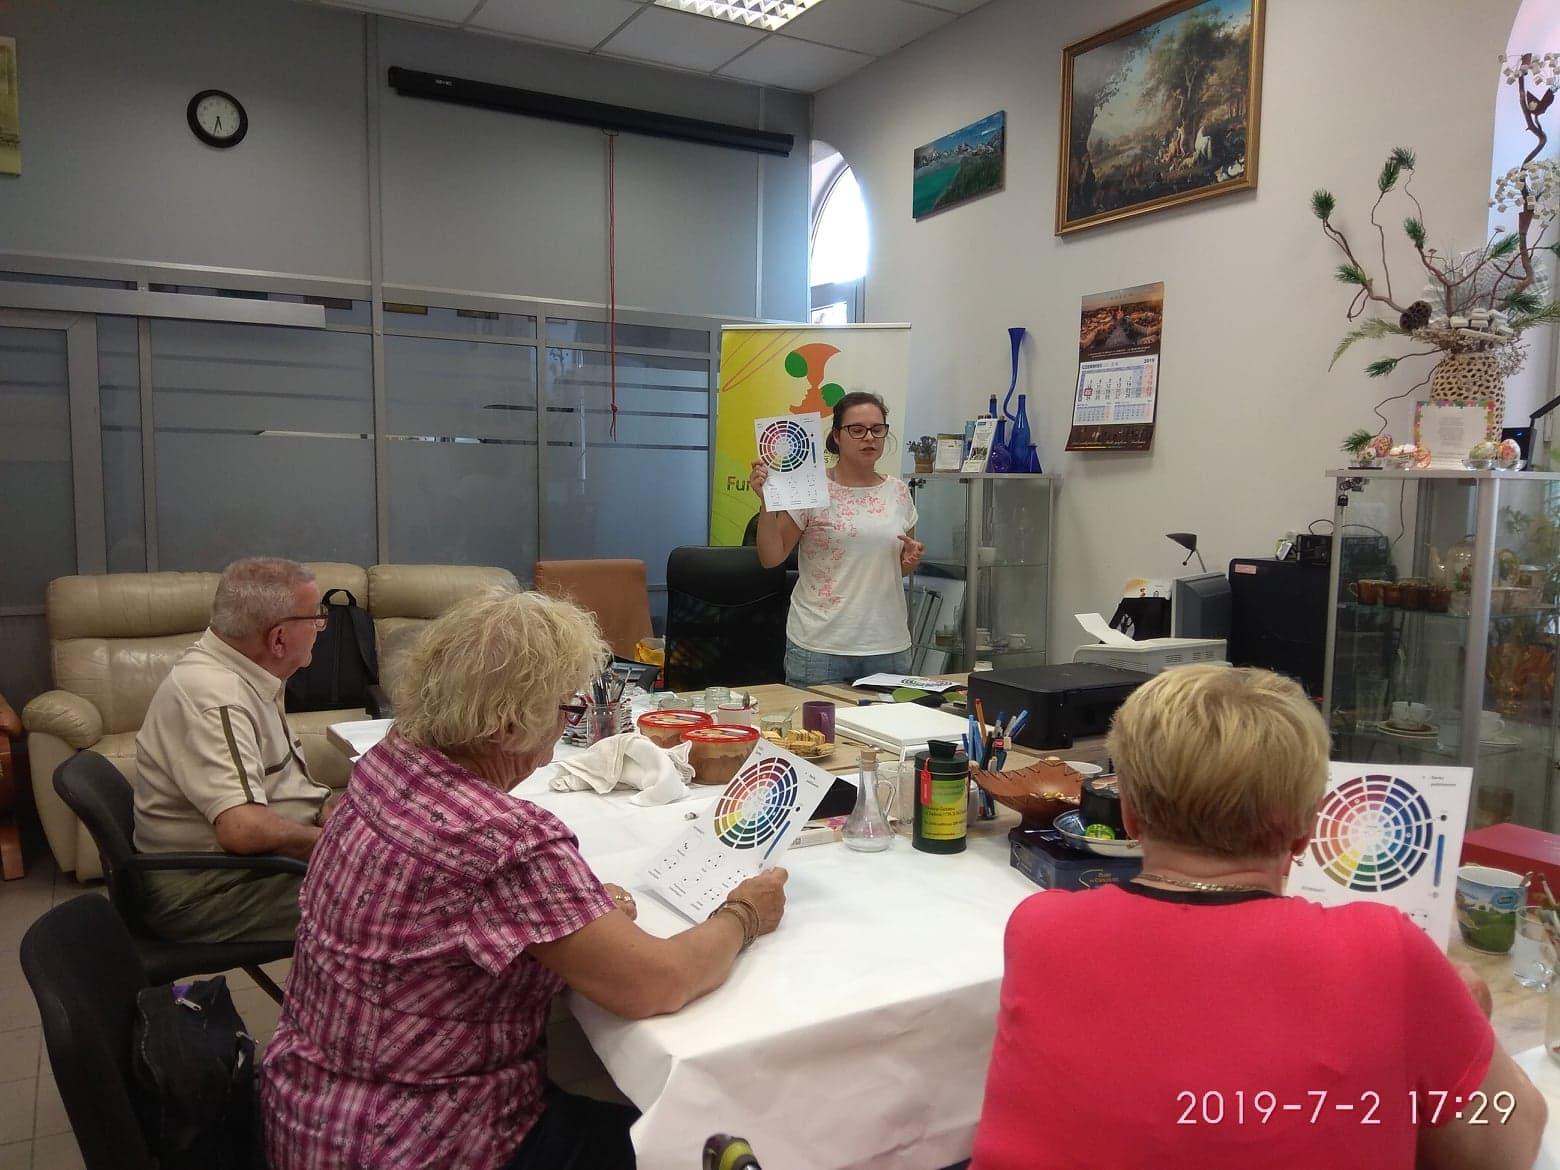 02.07.2019r Warsztaty malarskie -grupa podstawowa A1 (IV zajęcia)